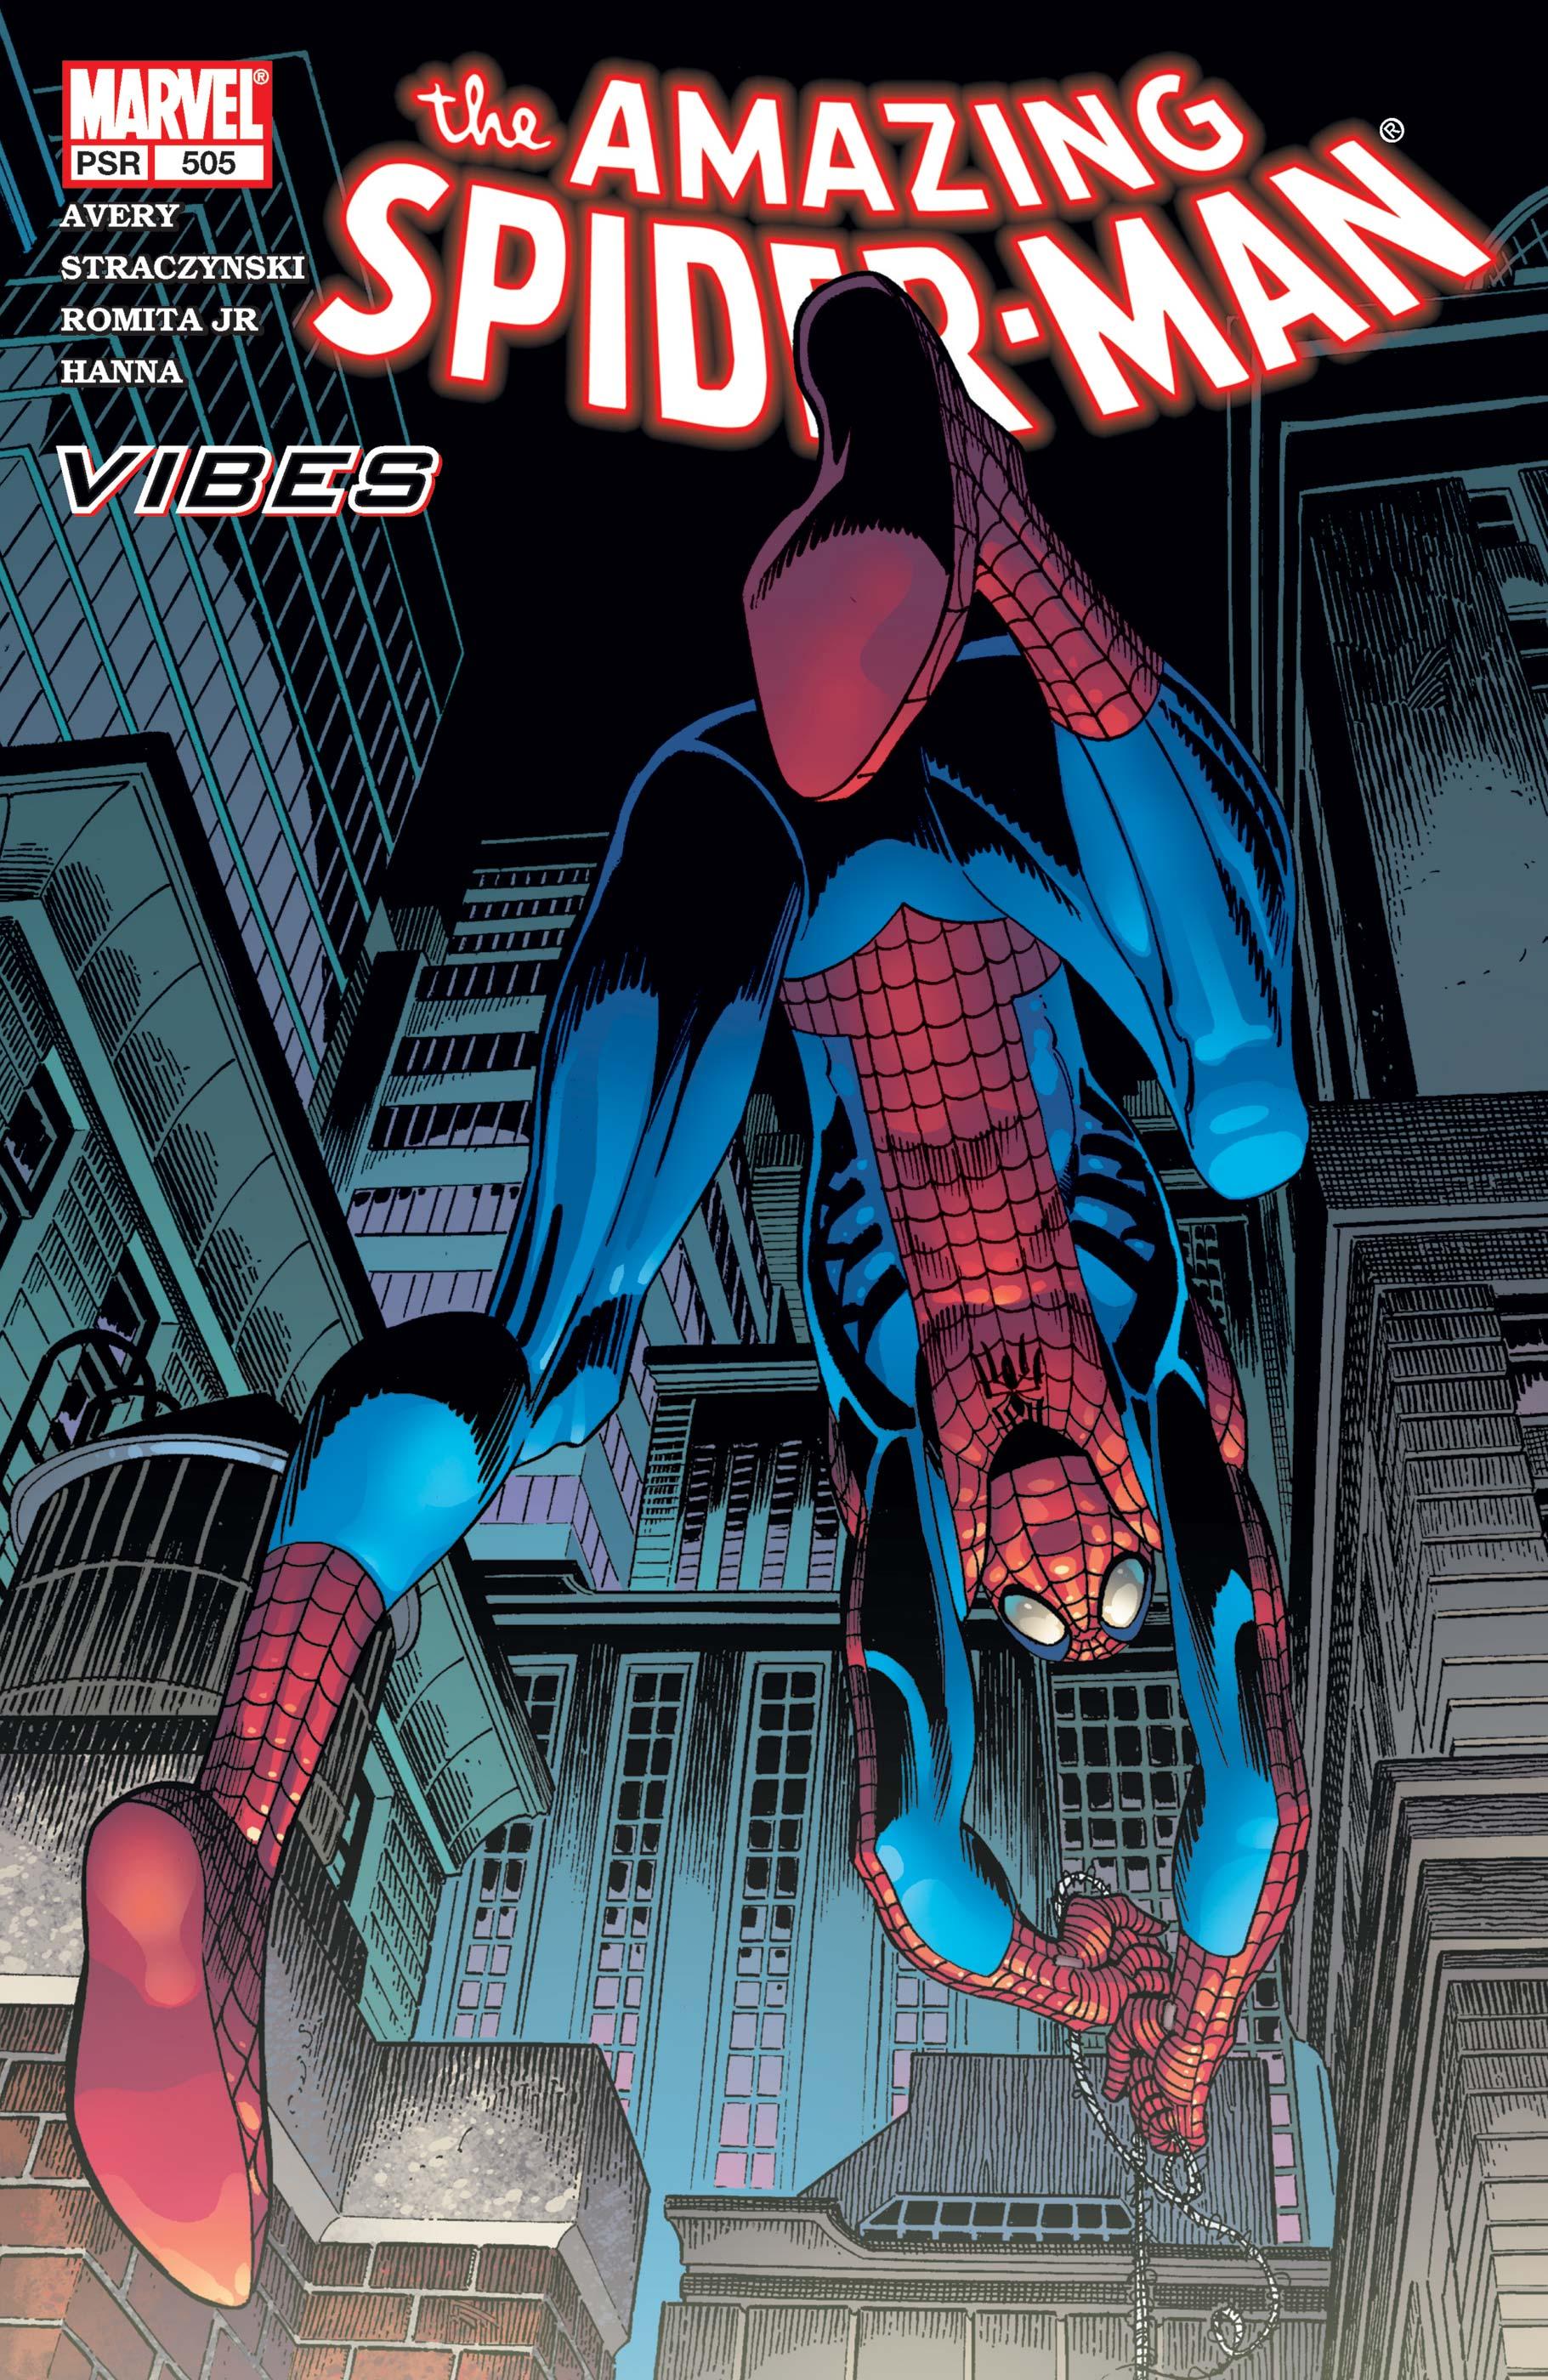 Amazing Spider-Man (1999) #505